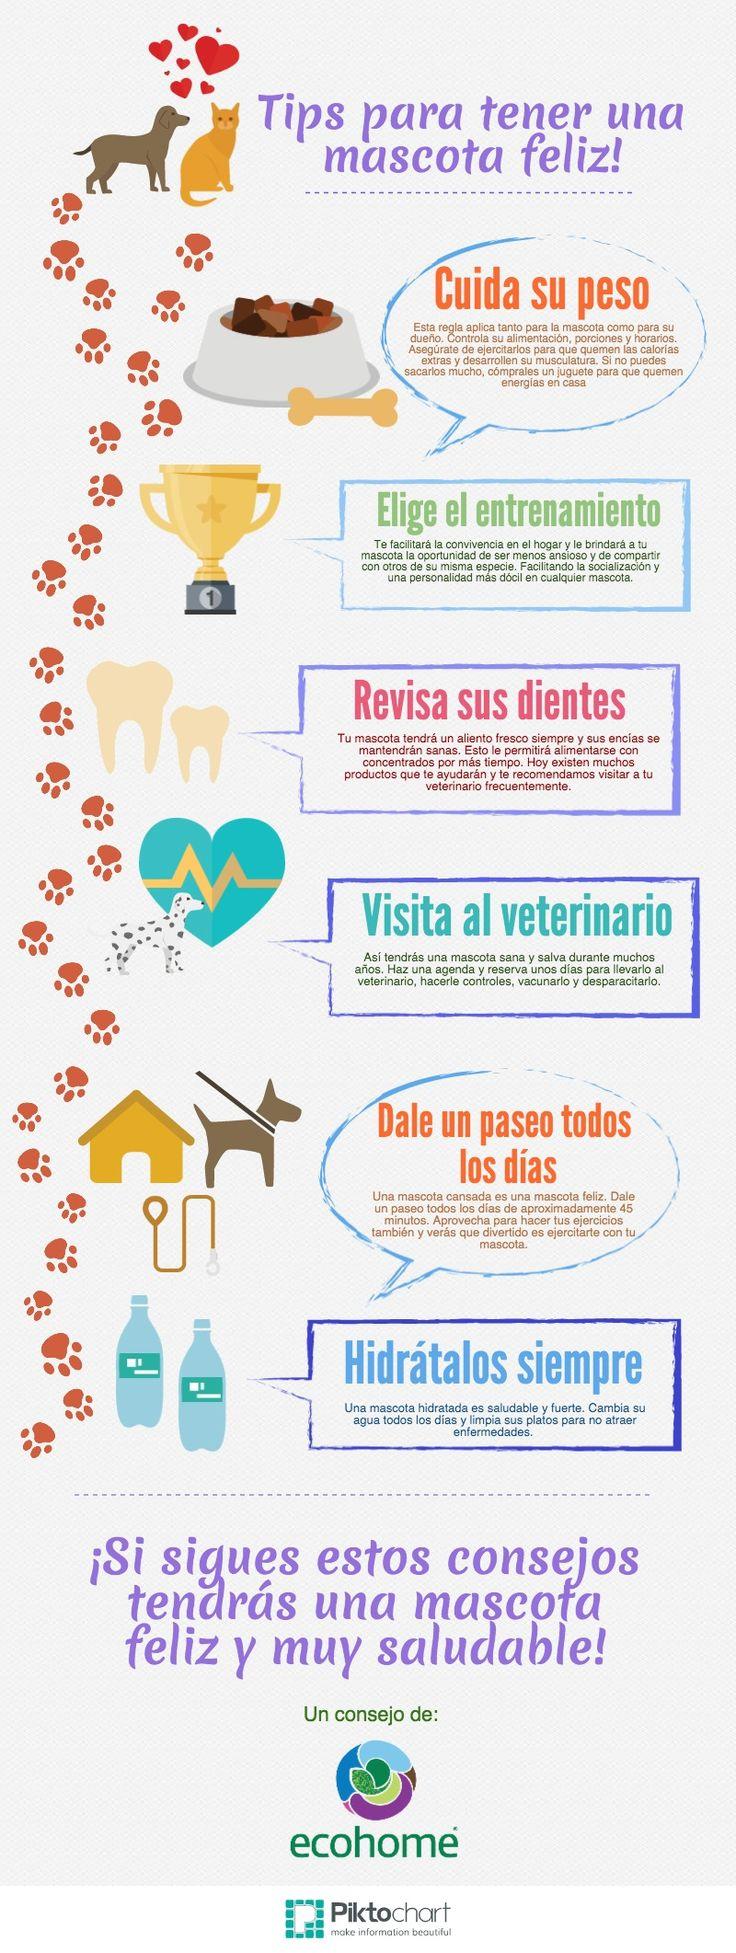 Sabías que parte de cuidar el medio ambiente es vivir en armonía con tus mascotas? Aprende más sobre sus cuidados